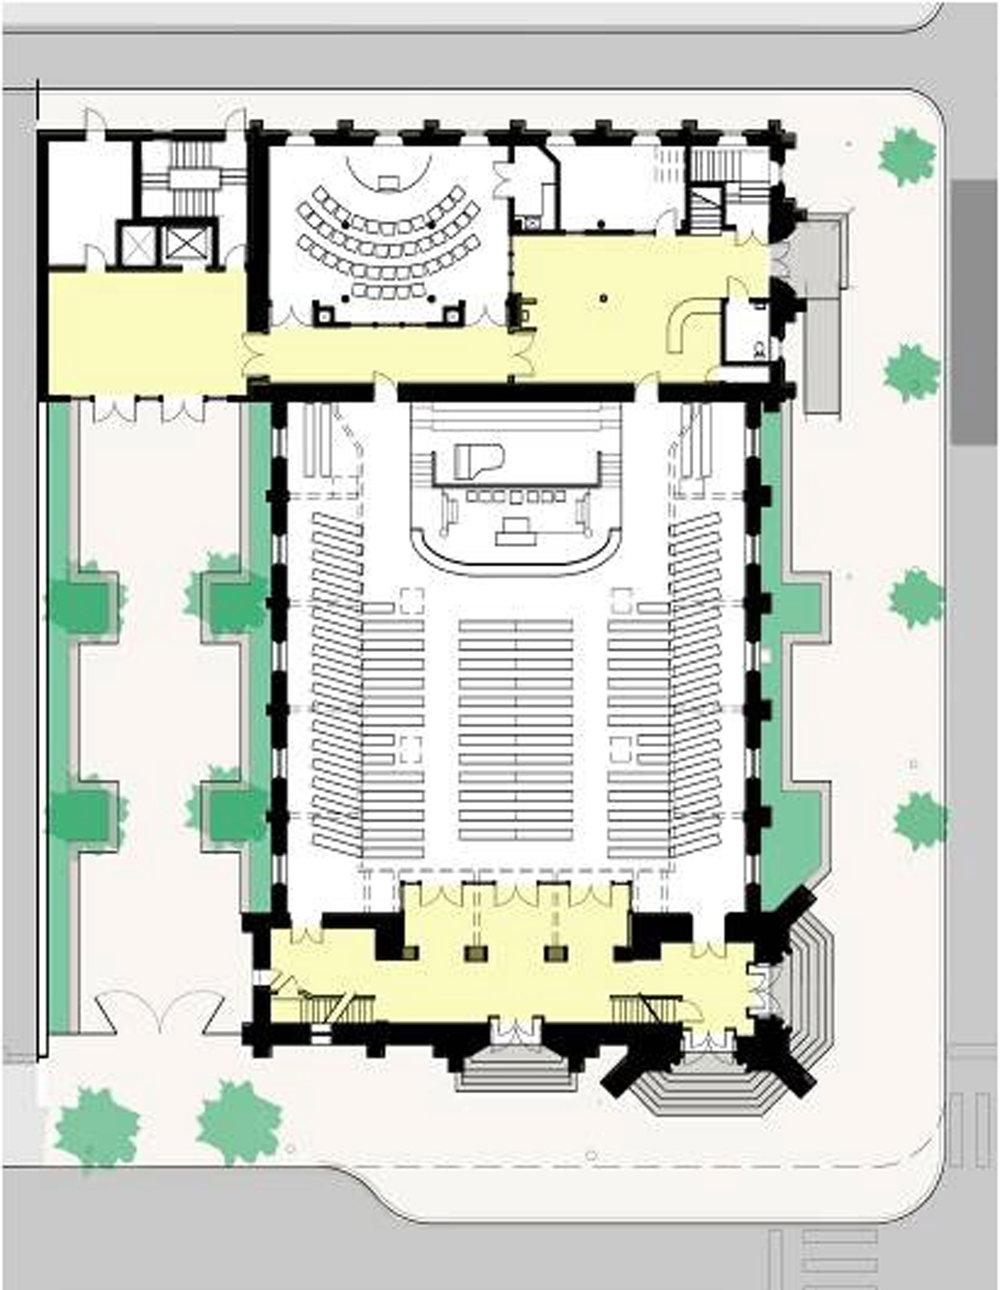 01SlideshowASUMCproposedplan.jpg